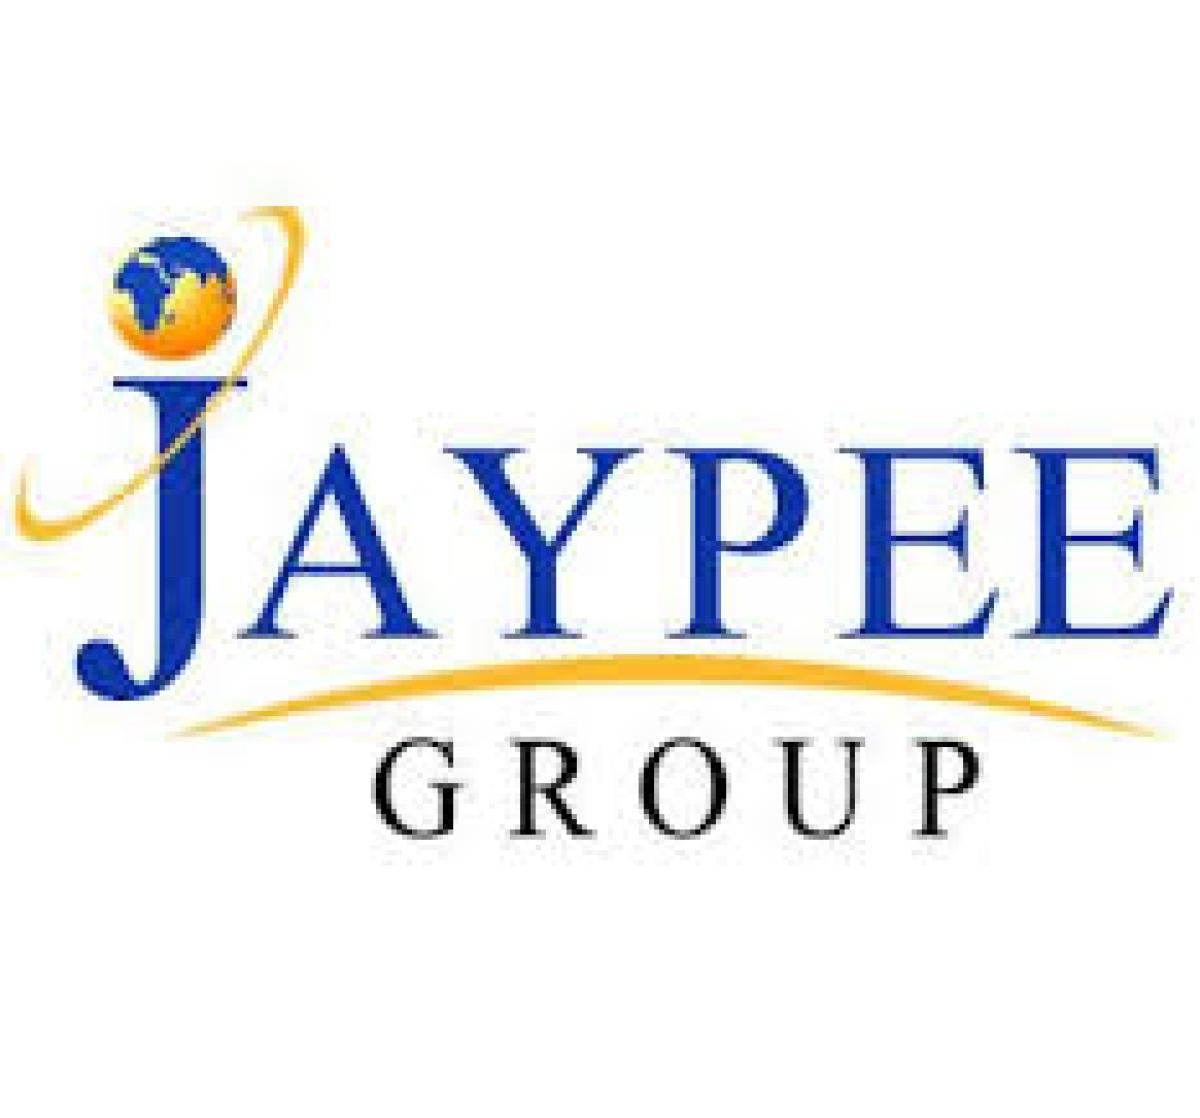 Axon Partners, Linklaters act on Jaiprakash Associates' $250 million QIP